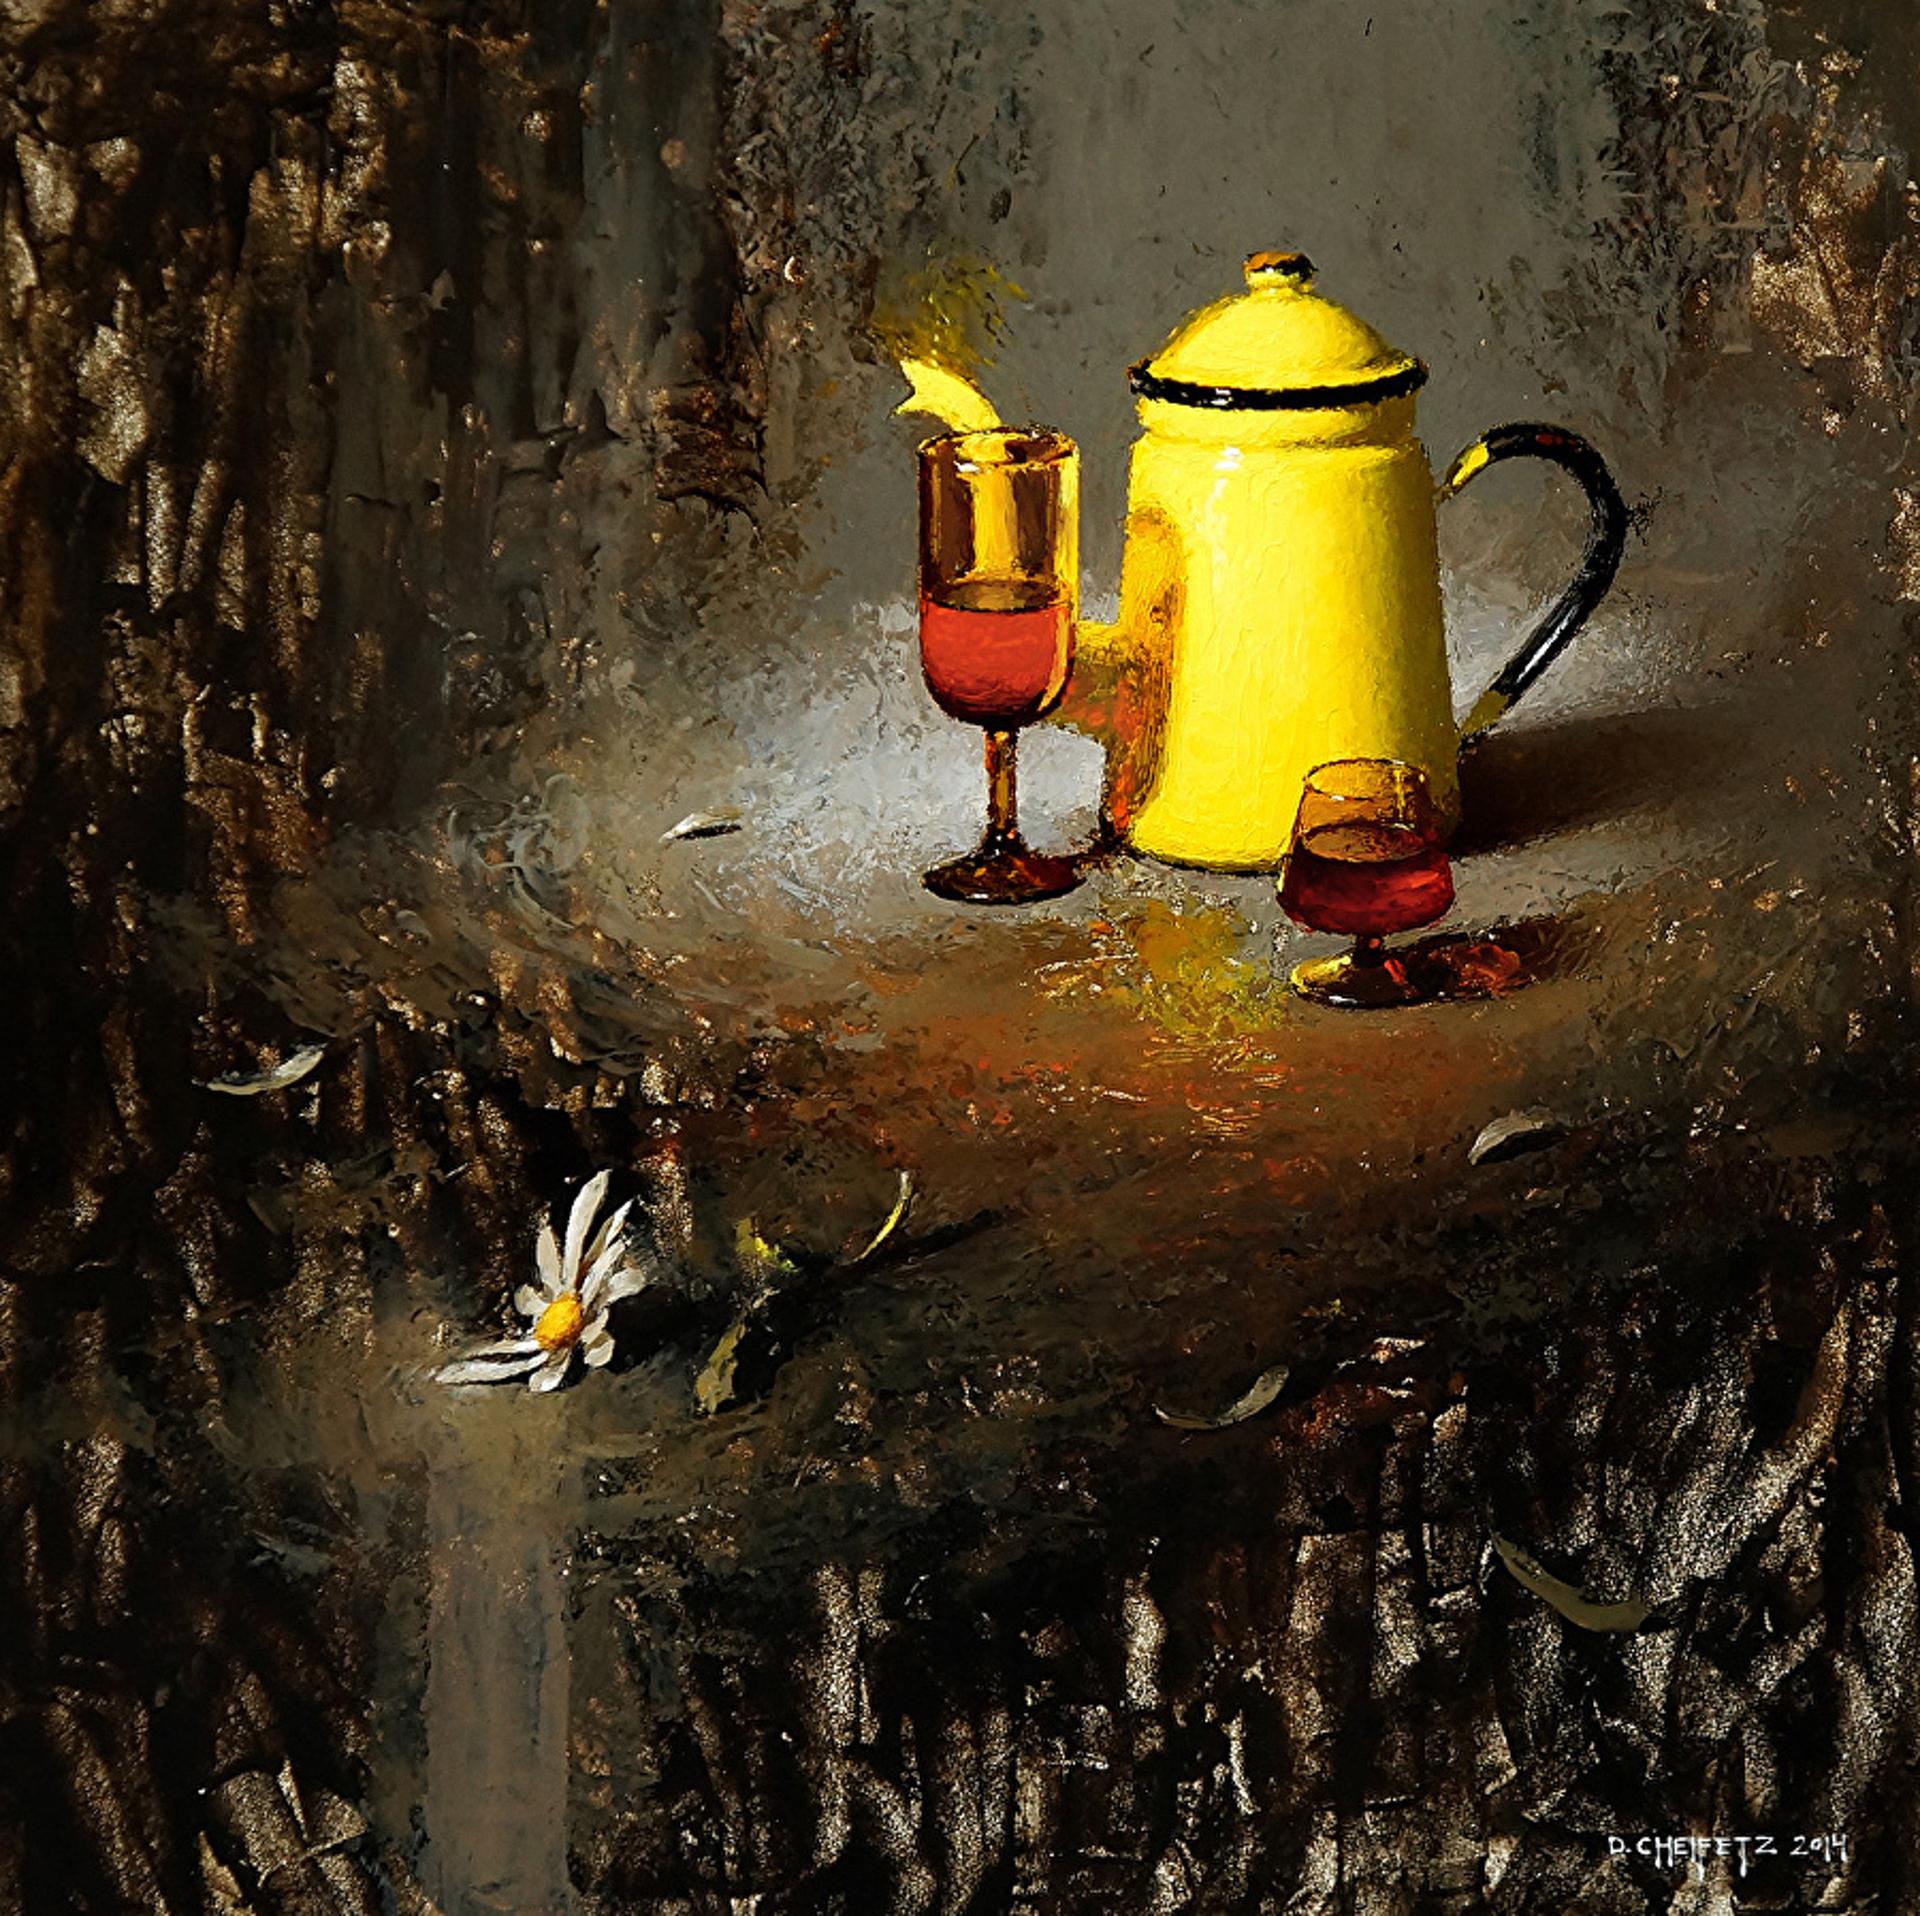 Sun Tea in Darkness by David Cheifetz